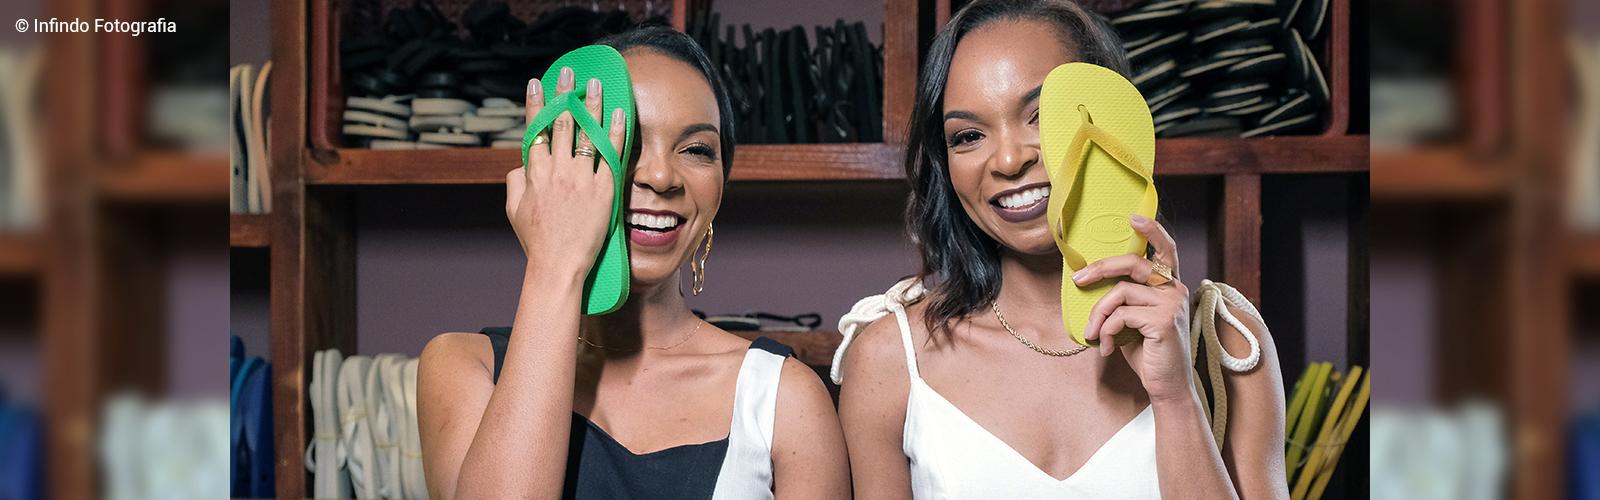 Betty e Brenda, fundadoras da ONG Compaixão Internacional, posam para foto segurando chinelos de dedo nas mãos, que escondem metade dos seus rostos